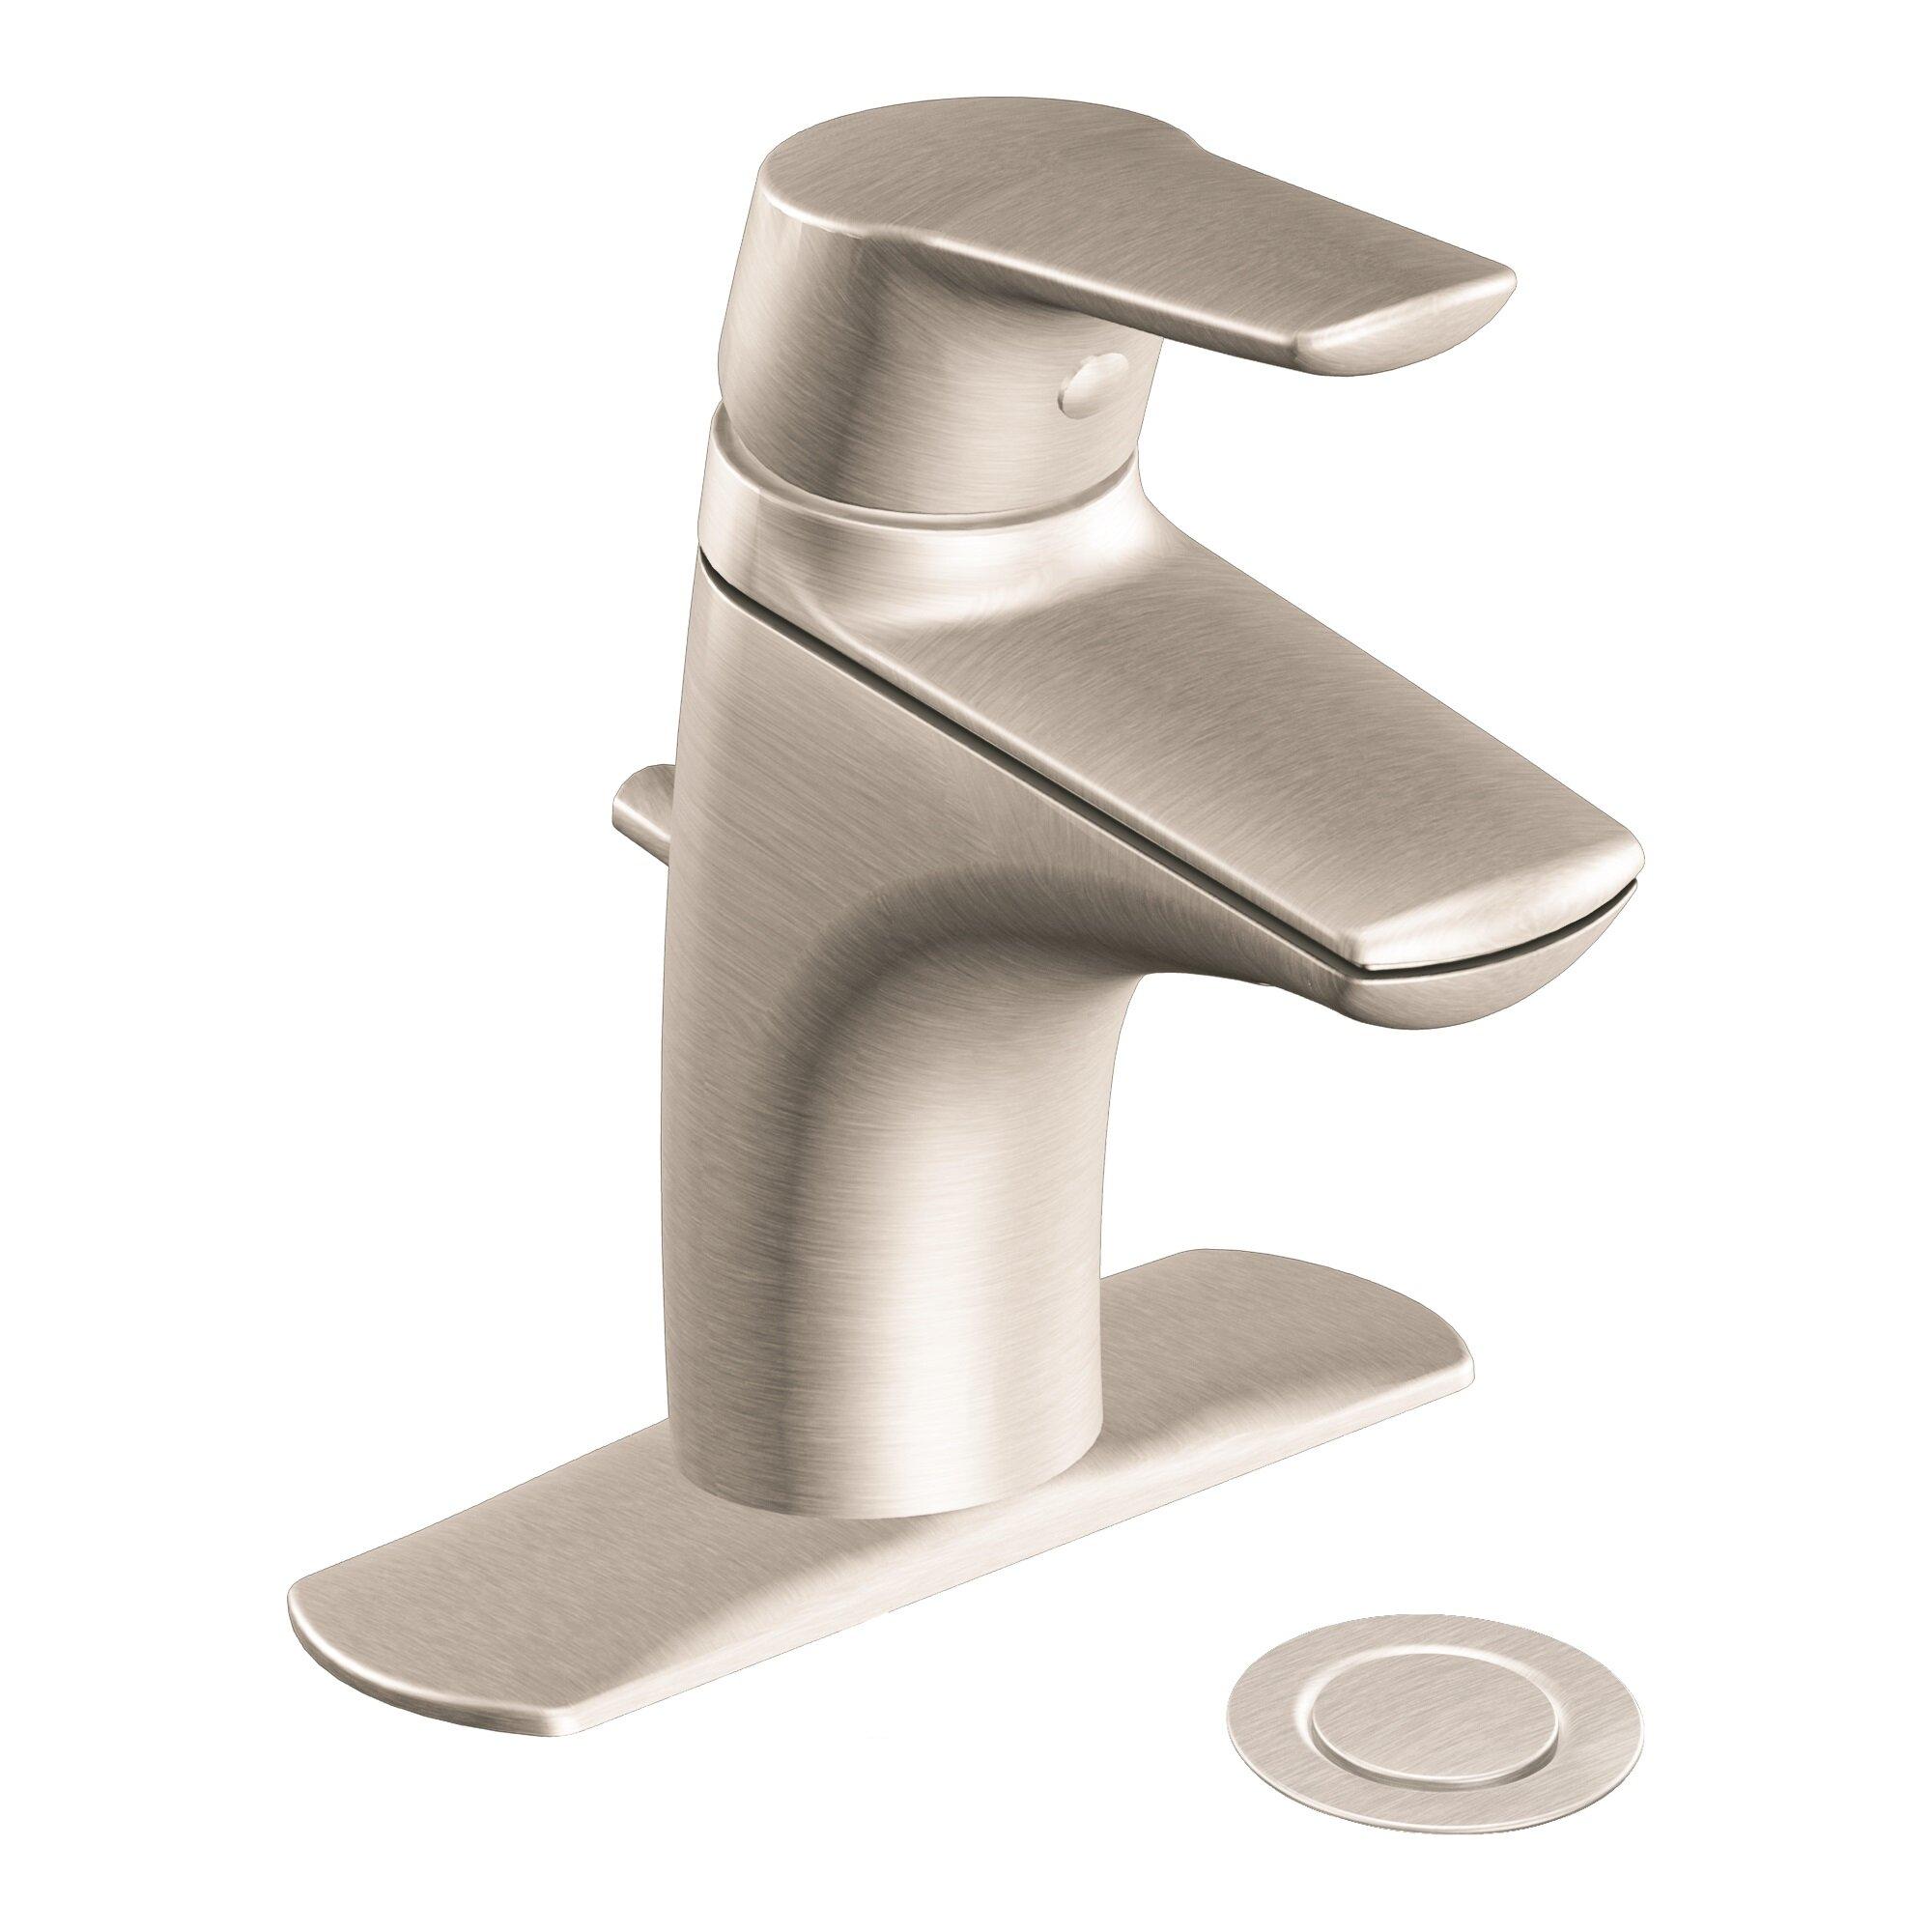 Moen Method Single Hole Bathroom Faucet